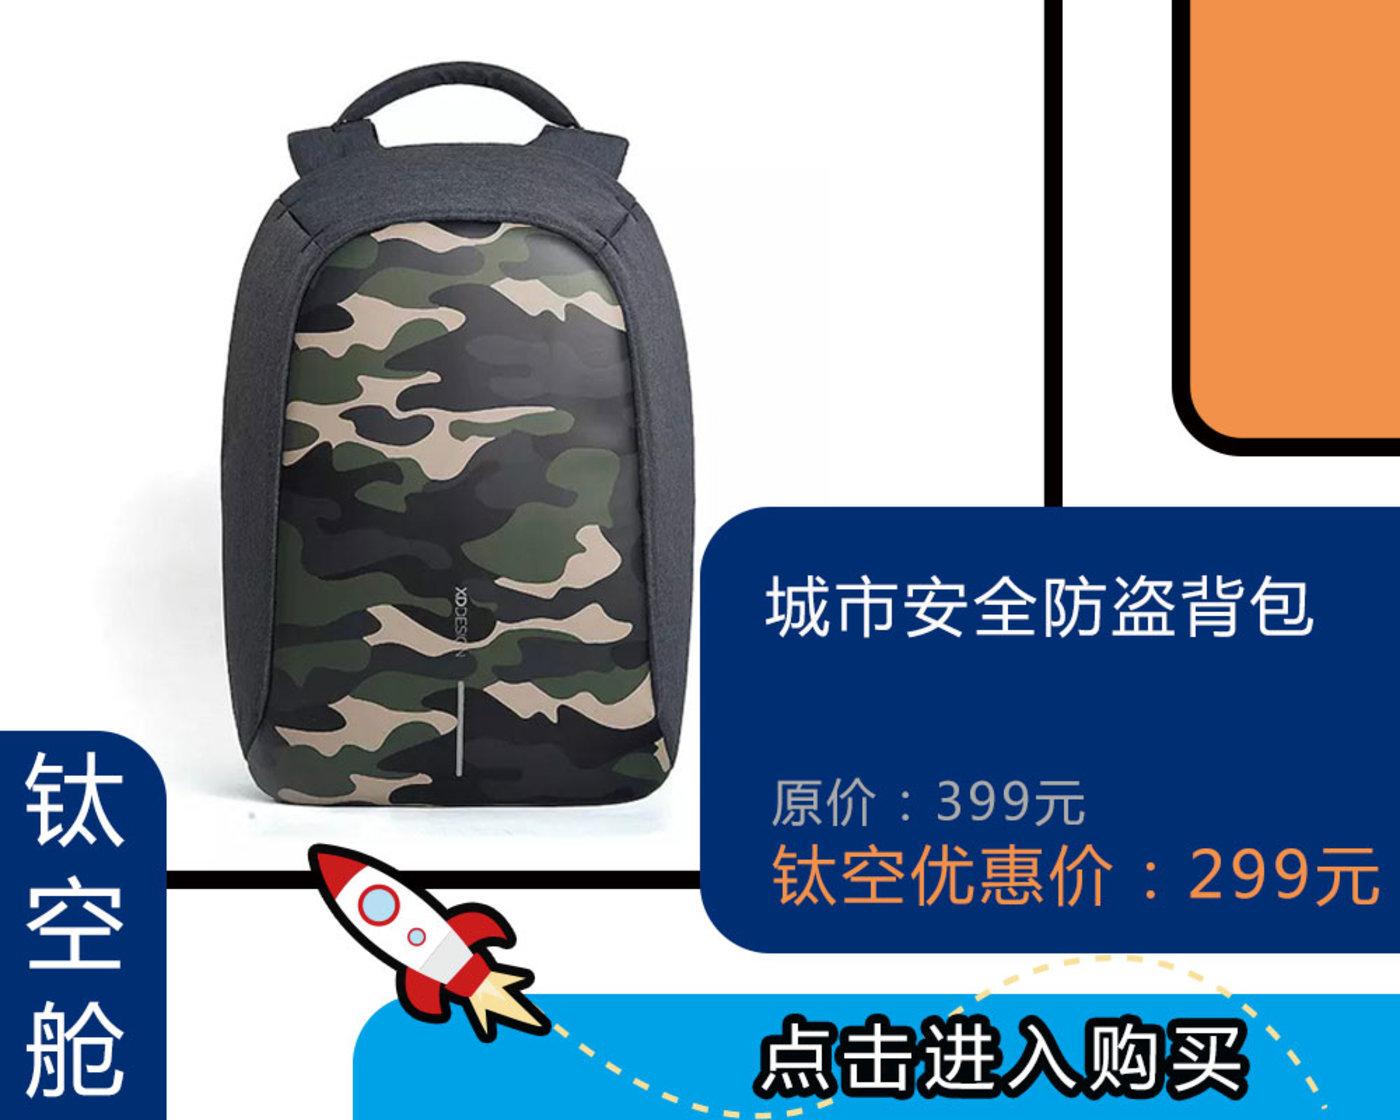 背上最新款XDDESIGN迷彩防盗背包,走起路来都带风! | 钛空舱